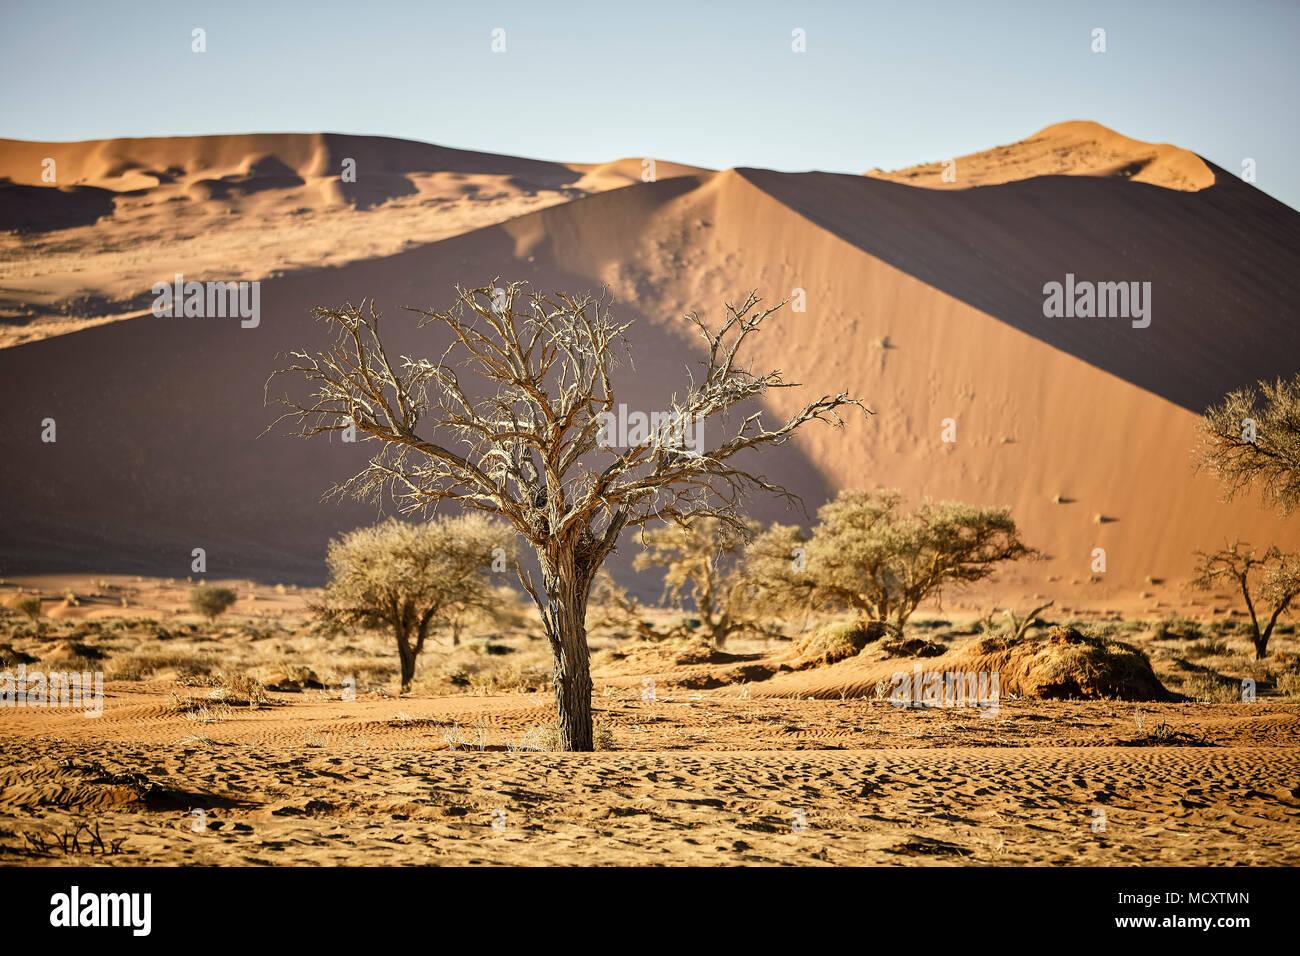 Arbre mort camelthorn (Vachellia erioloba) en face des dunes de sable, Sossusvlei, Désert du Namib, Namib-Naukluft National Park Banque D'Images